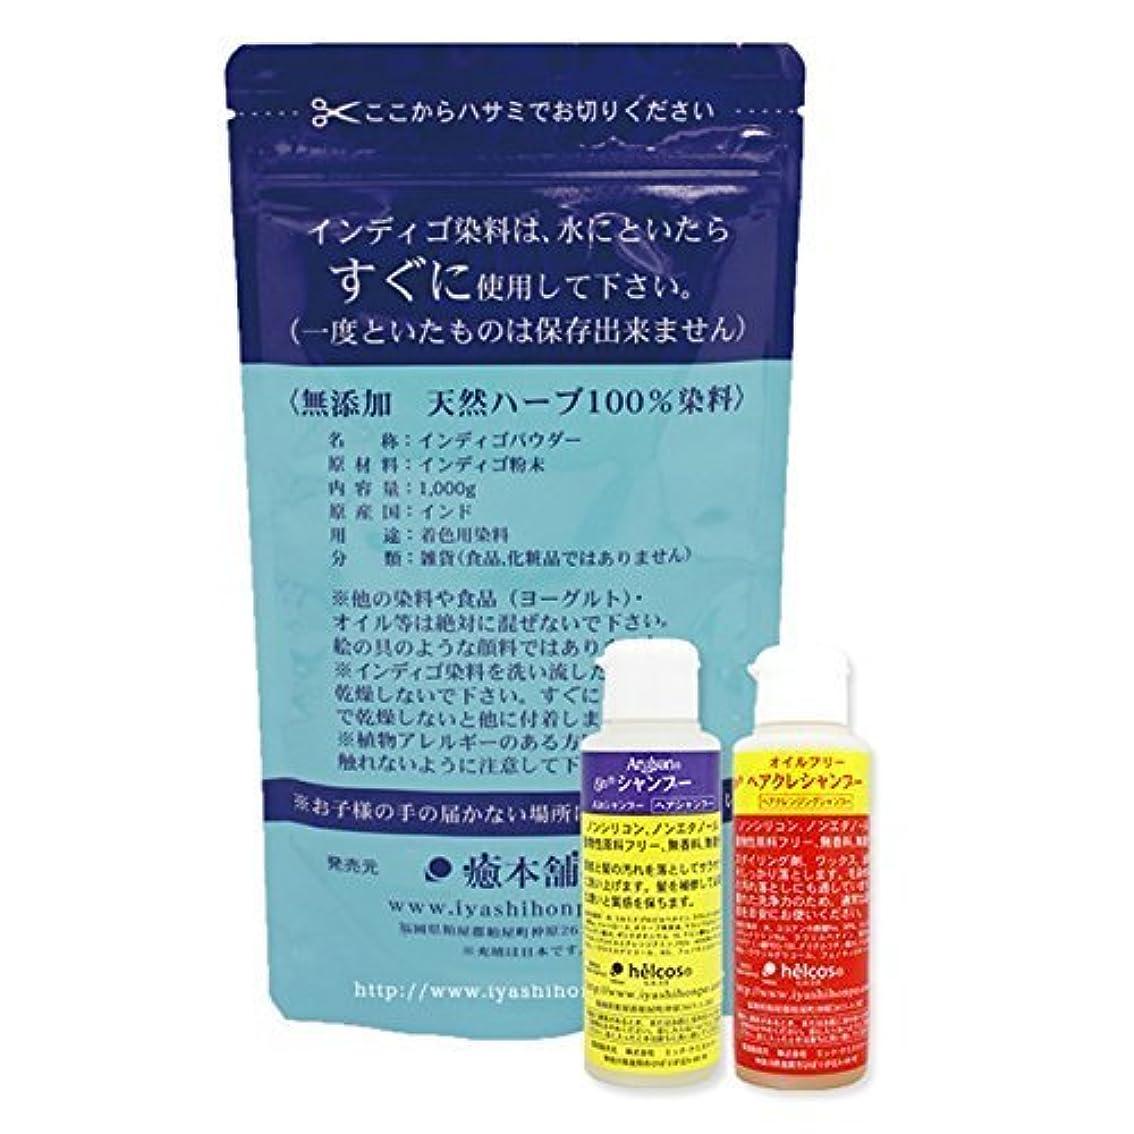 薬局トレースモールス信号白髪染め インディゴ(天然染料100%) 1kg+シャンプー2種セット 癒本舗